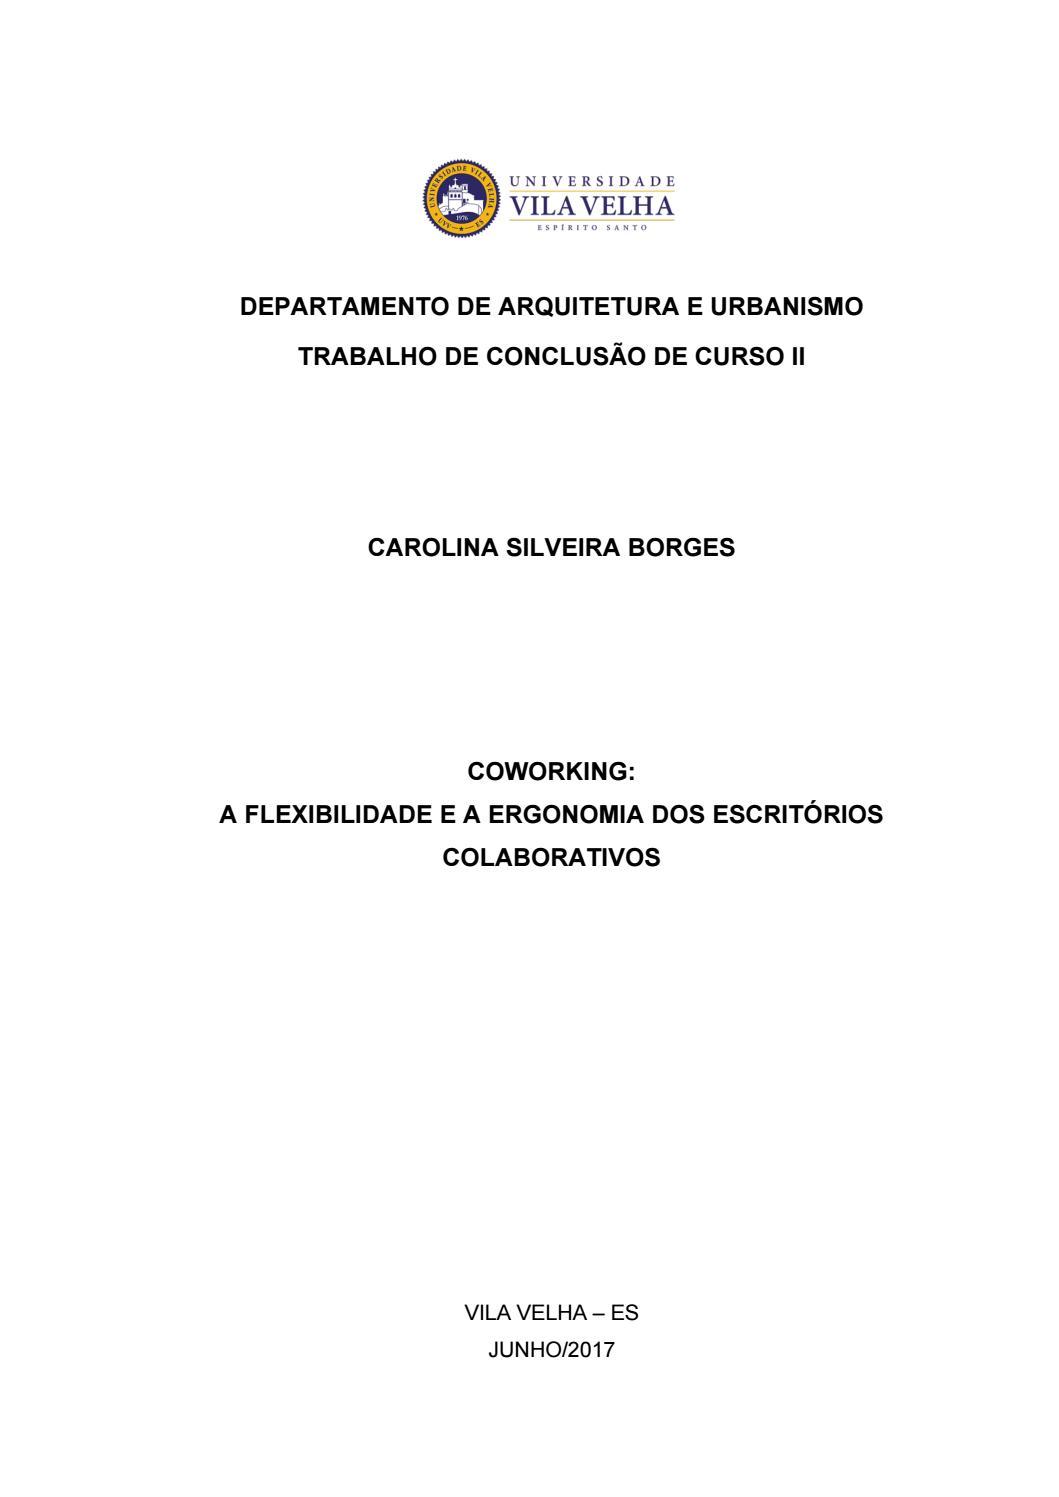 Tcc Arqurbuvv Coworking A Flexibilidade A Ergonomia Dos Escrit Rios